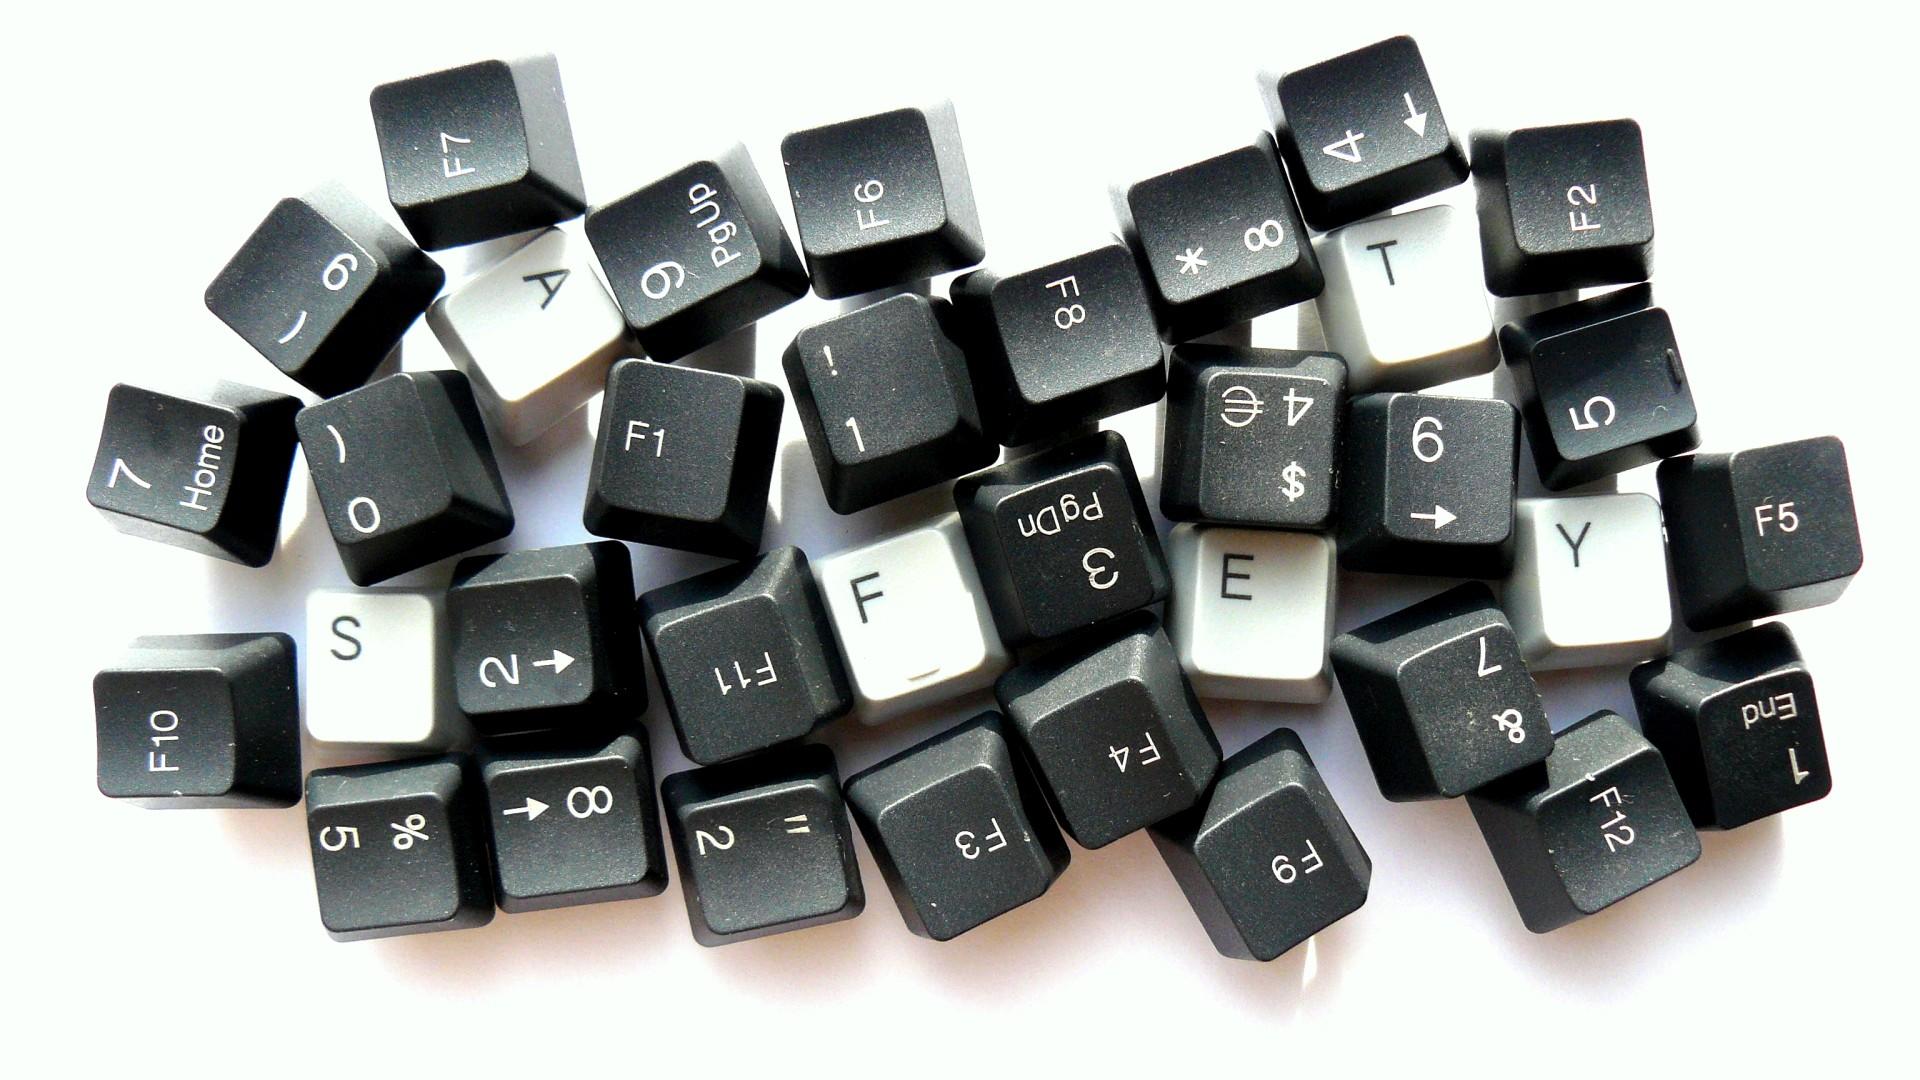 миниатюрные картинки отдельных клавиш меня аватарка водопадом